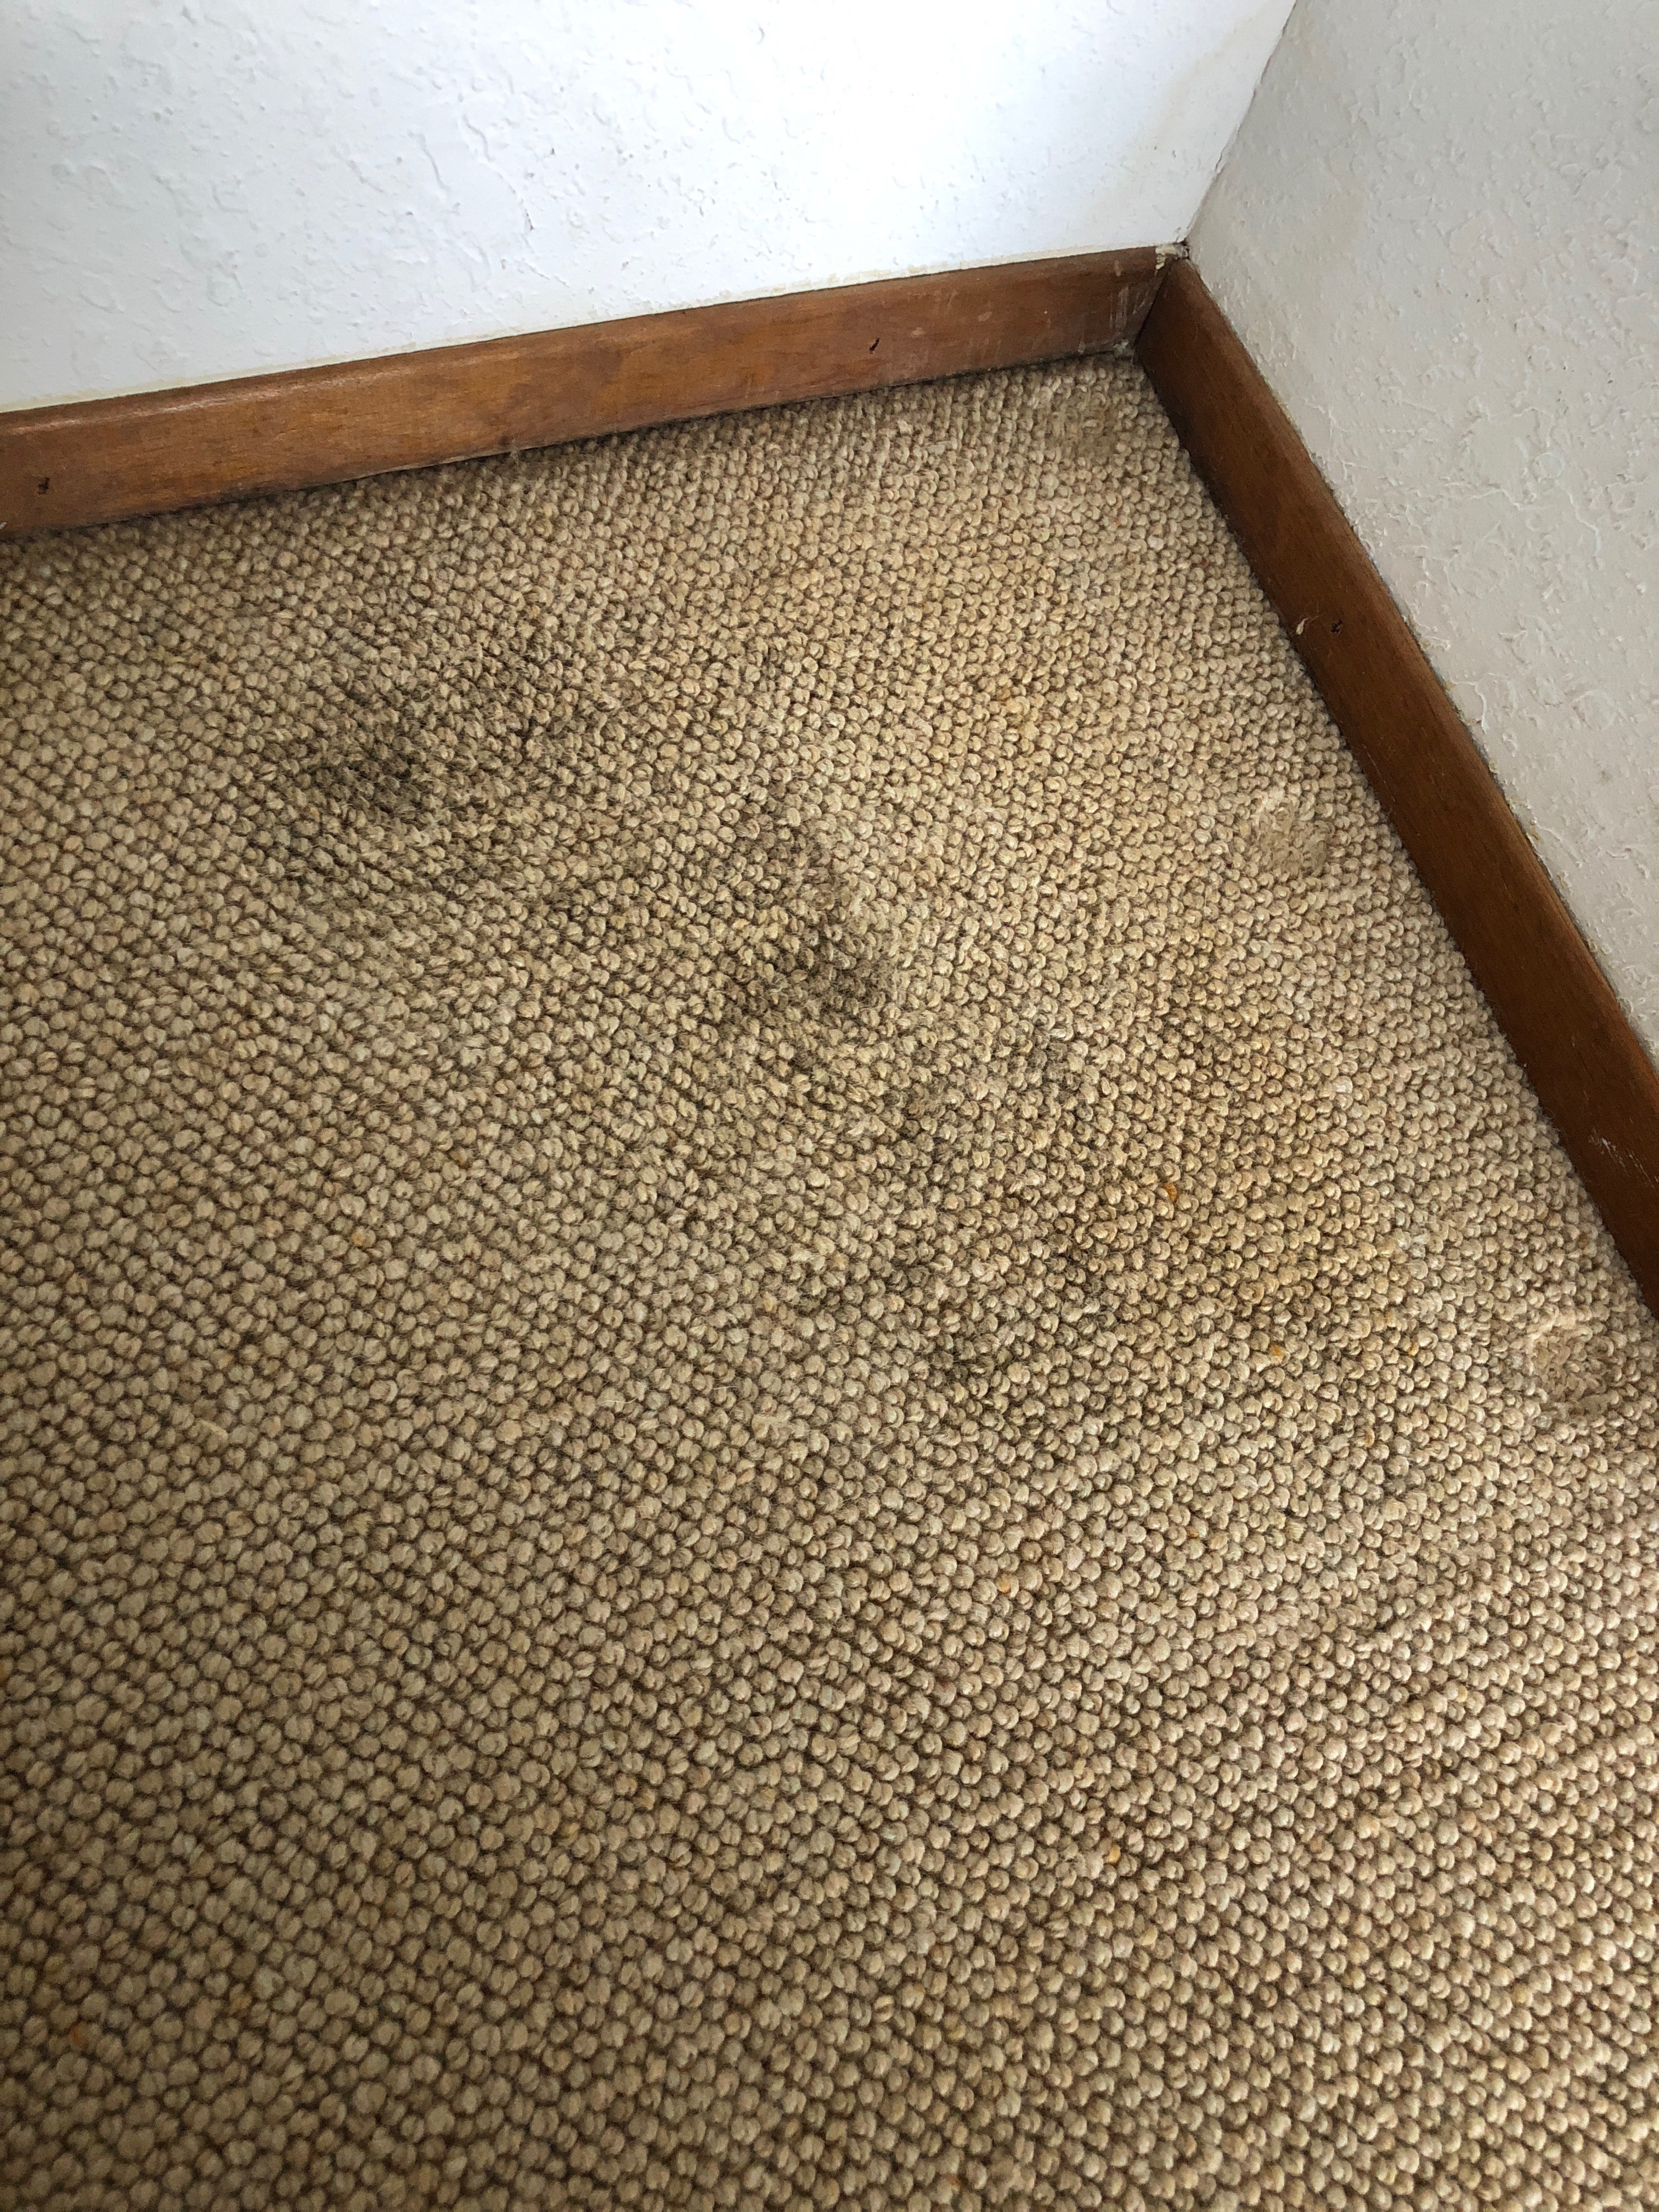 Berber Carpet Repair Ranch Santa Fe Ca 92067 San Diego